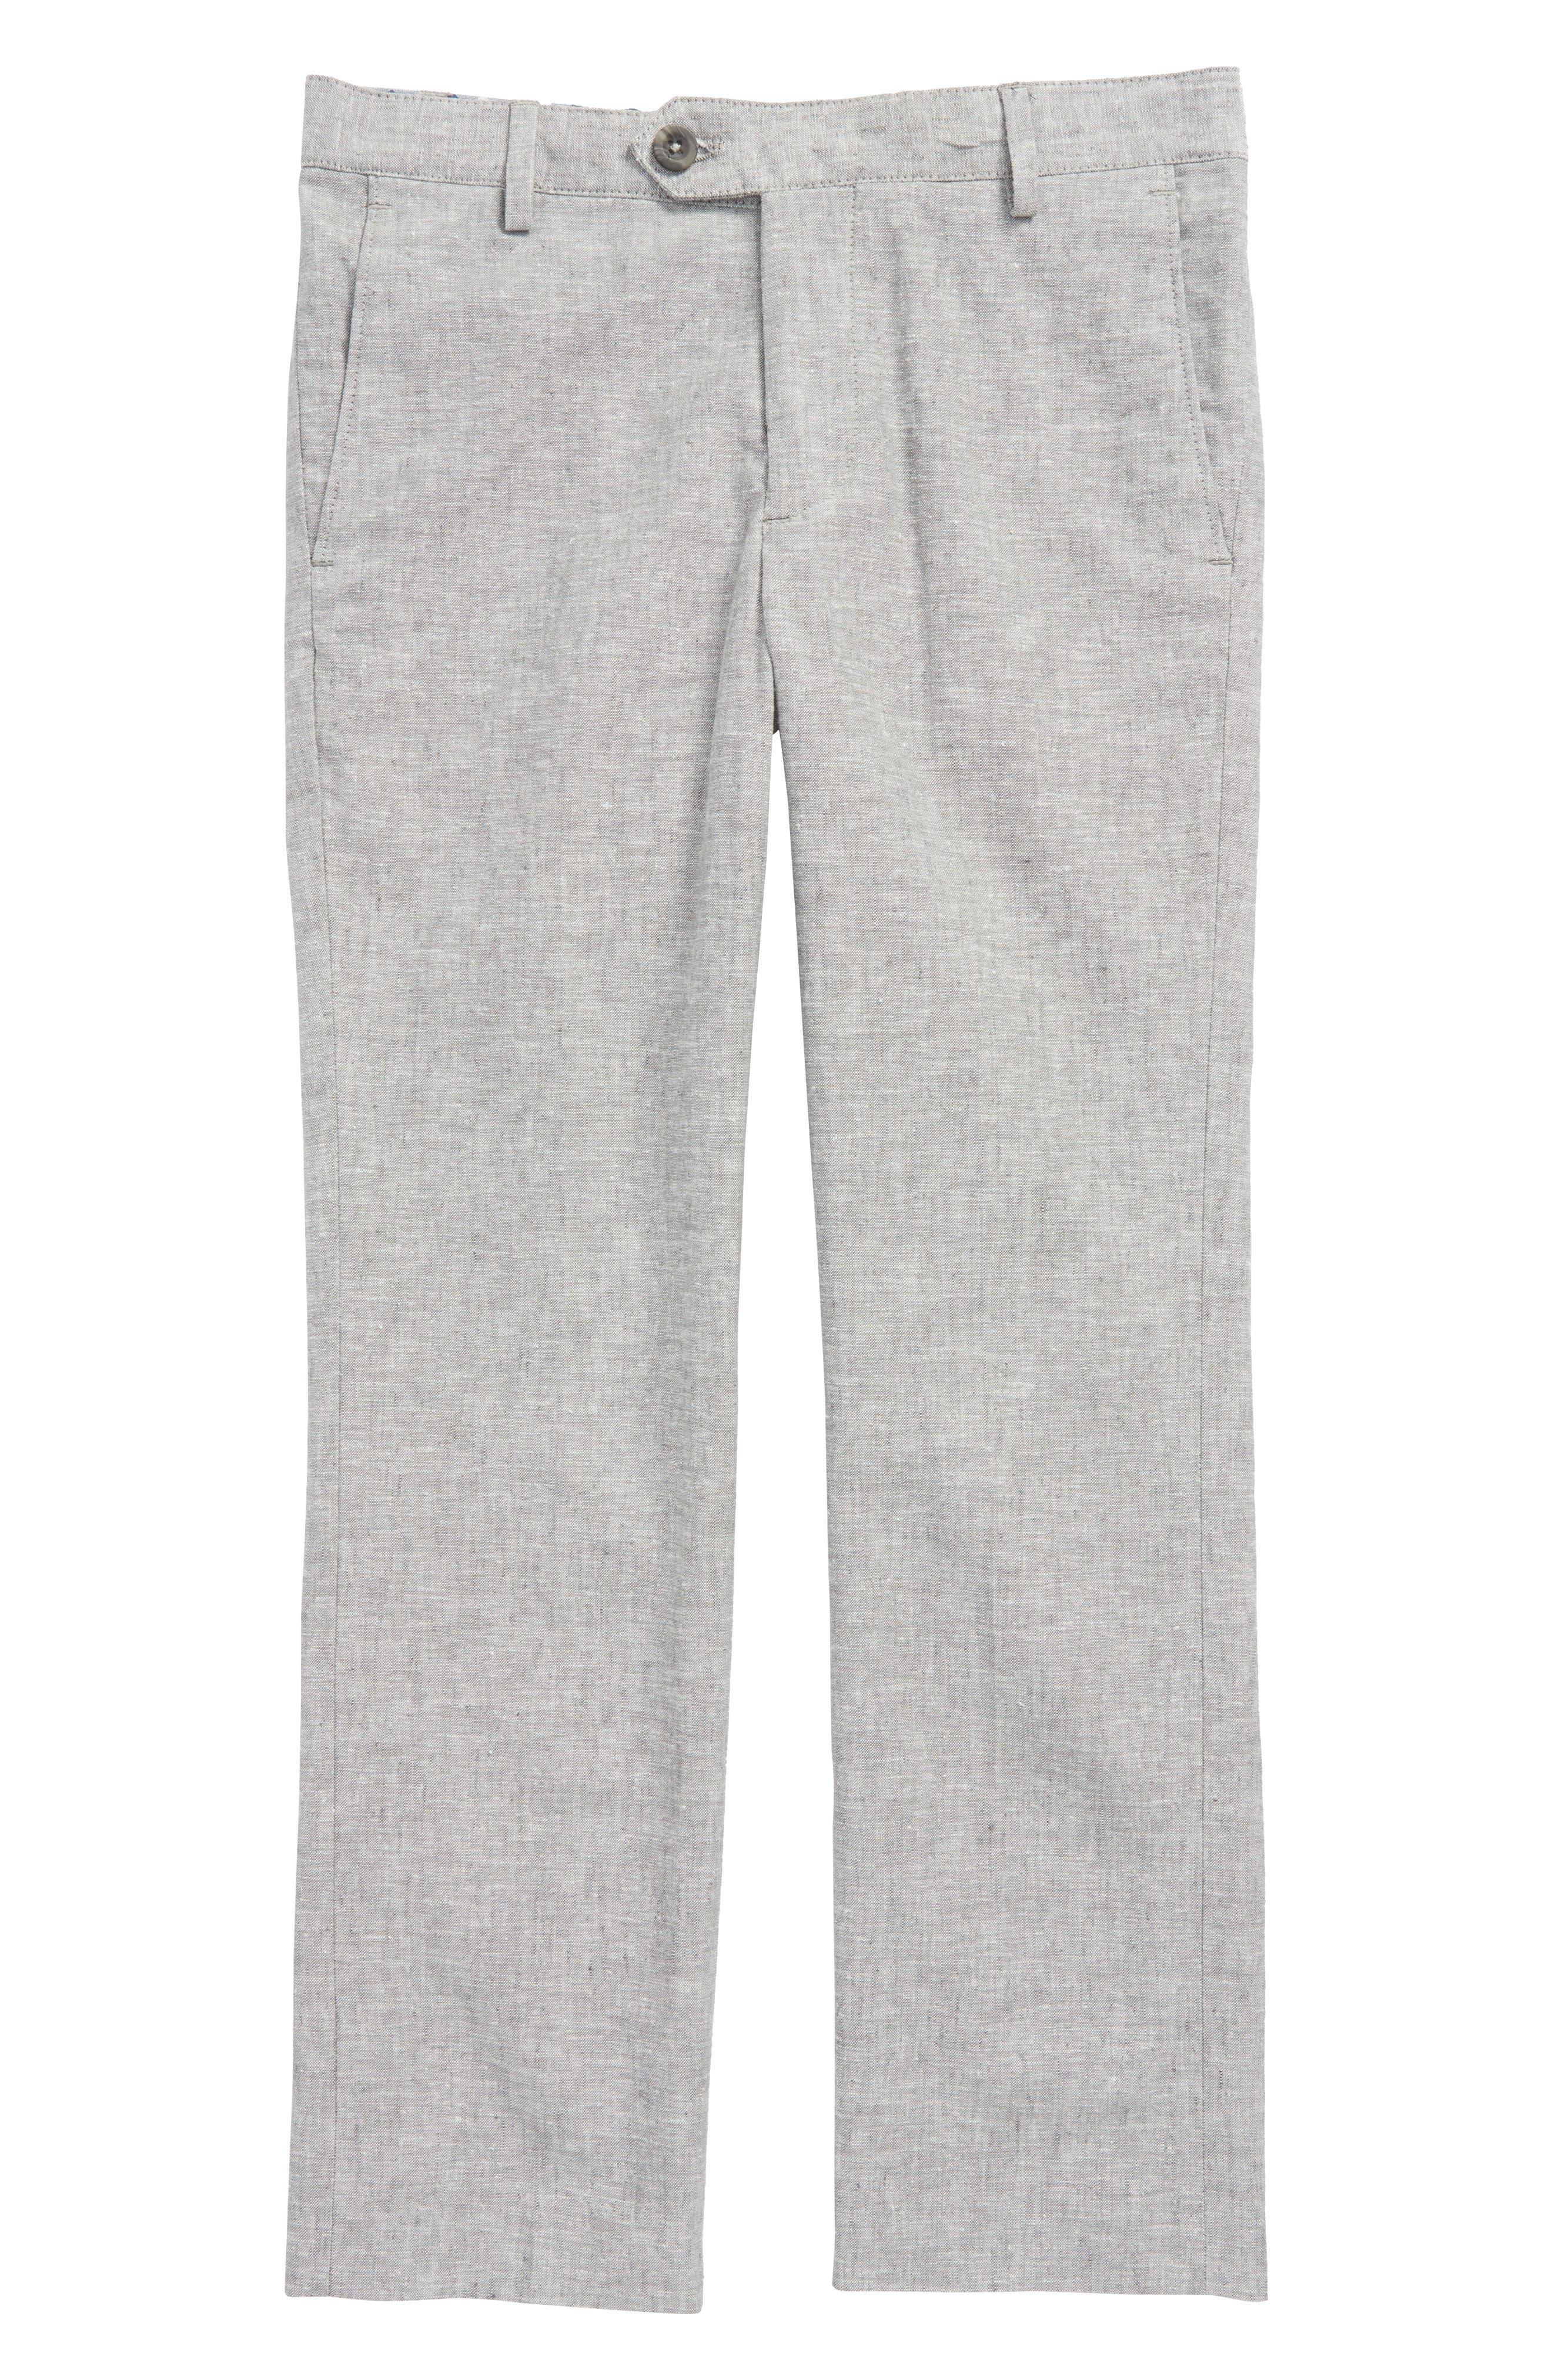 Elliott Flat Front Linen & Cotton Trousers,                             Main thumbnail 1, color,                             030